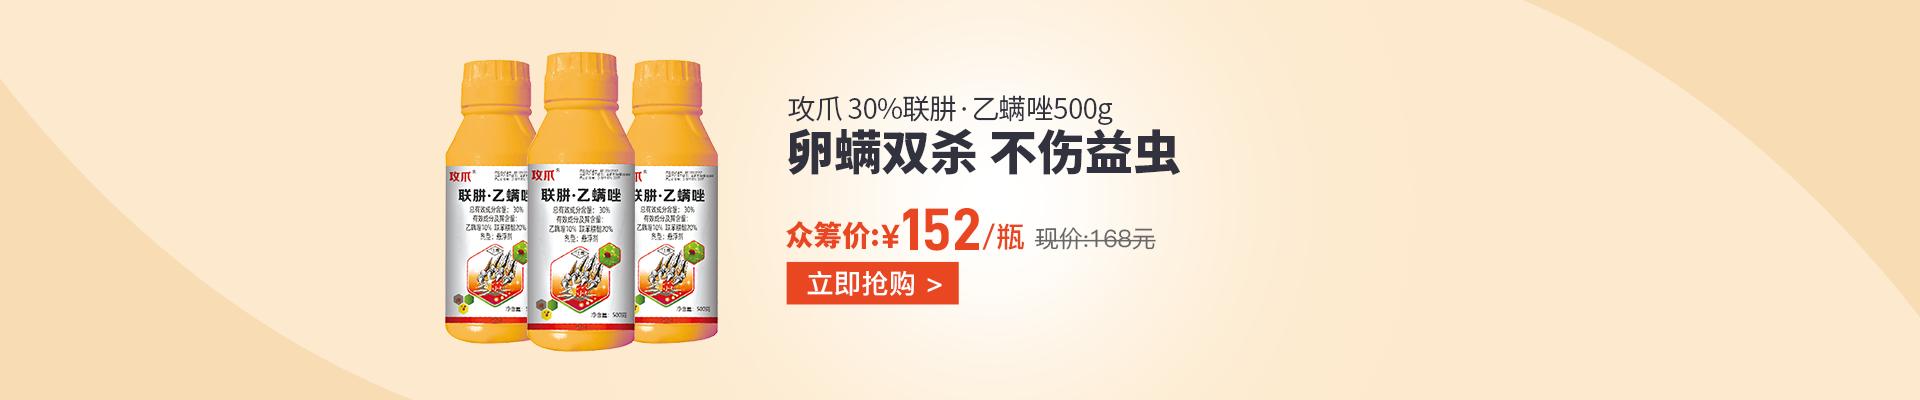 【7月】众筹-攻爪 30%联肼·乙螨唑 500g500g*5瓶